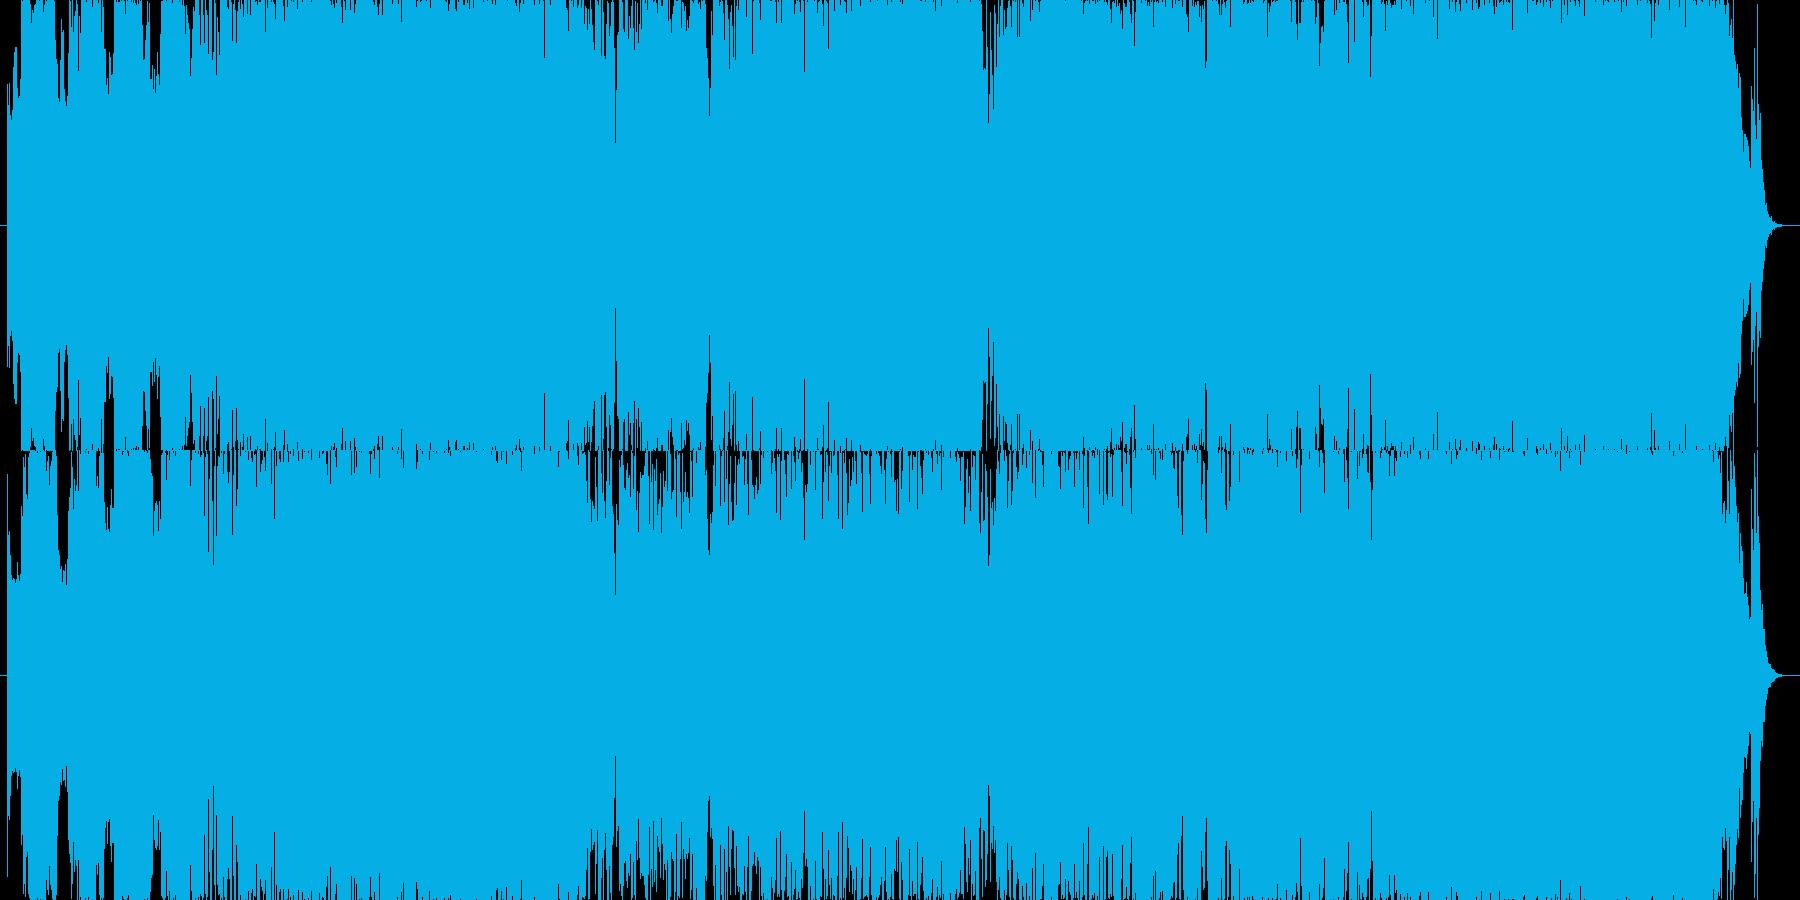 ゲーム用勇壮でパワフルなオーケストラ曲の再生済みの波形